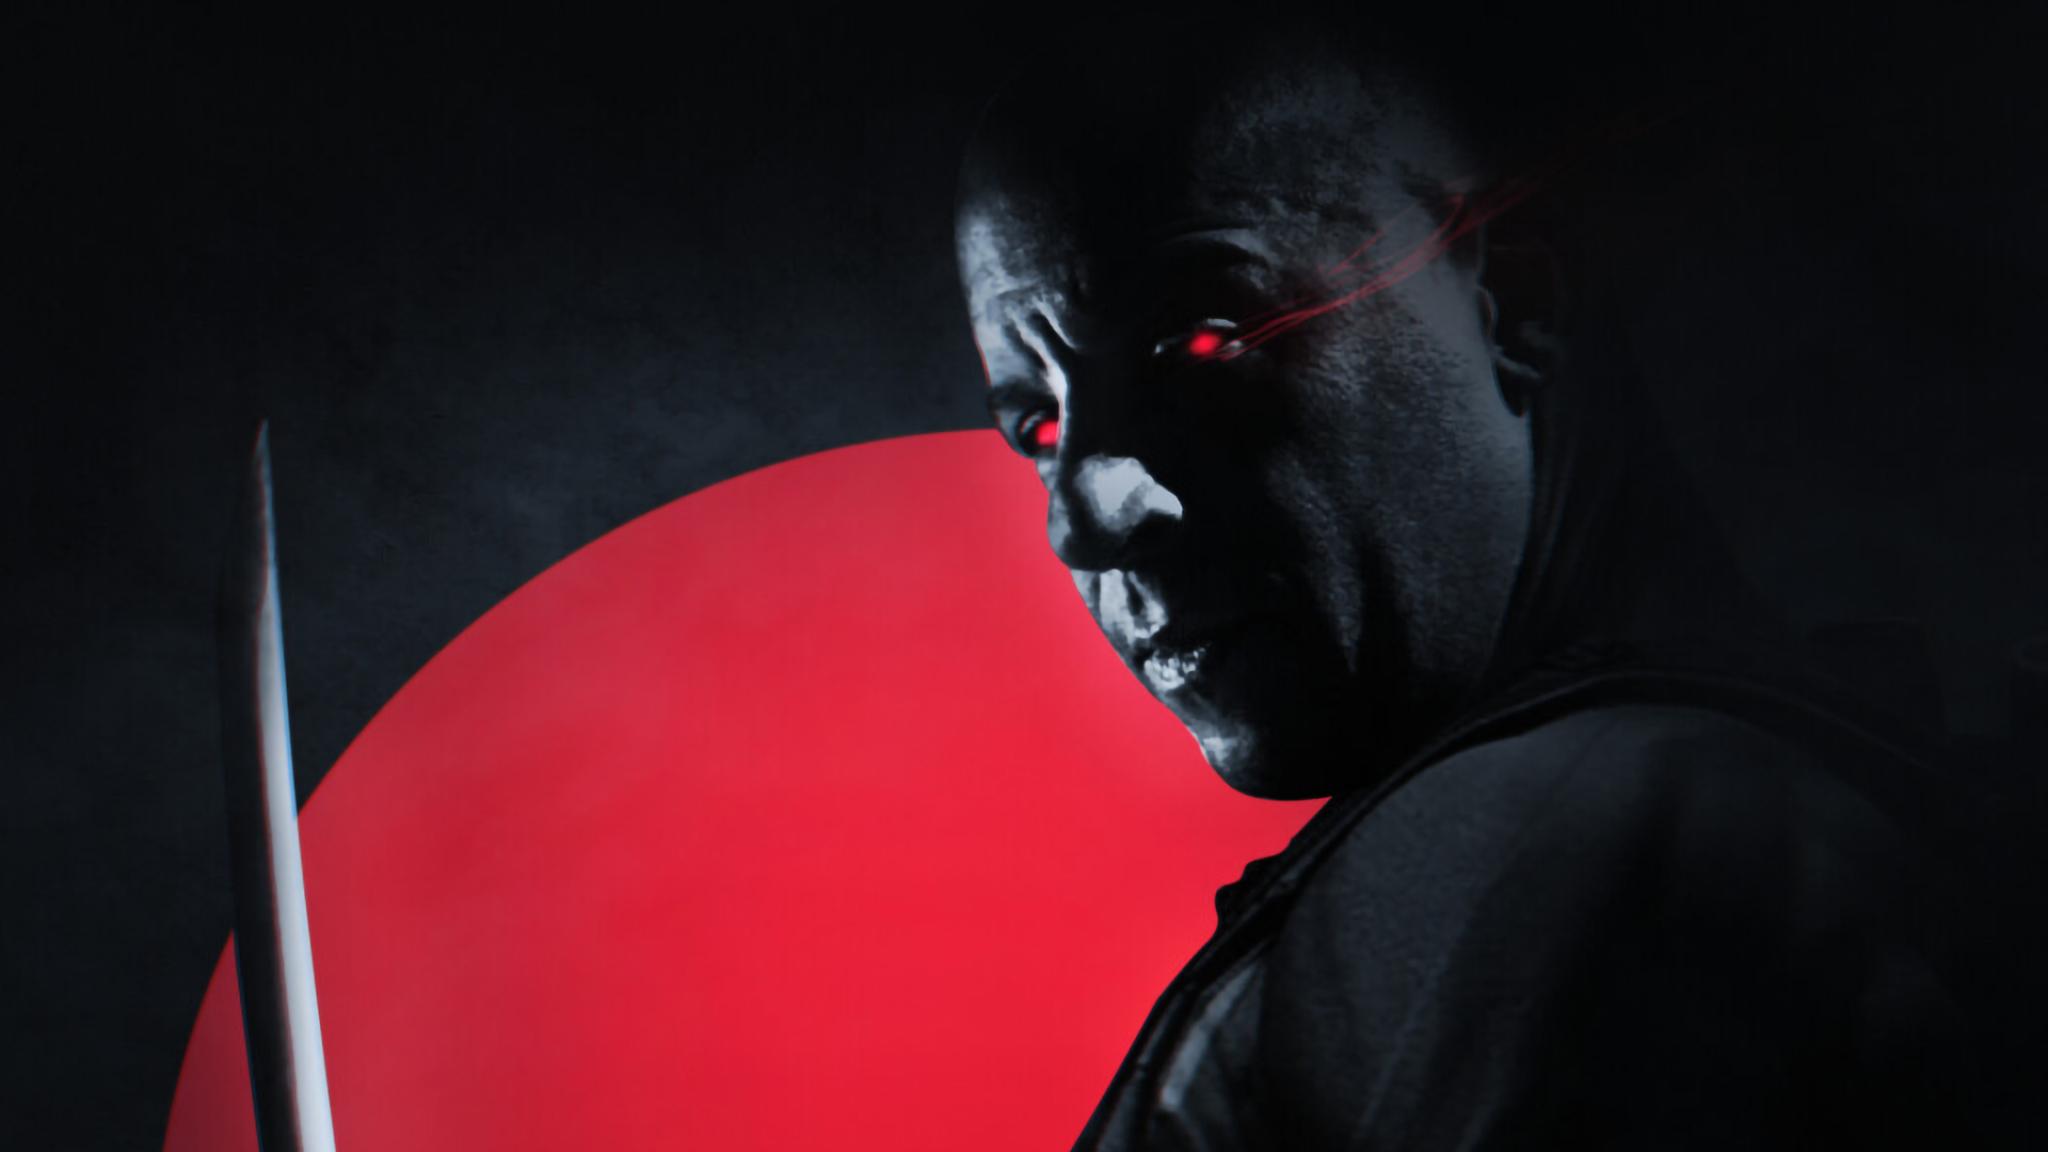 2048x1152 Vin Diesel Bloodshot Movie 2020 2048x1152 Resolution 2048x1152